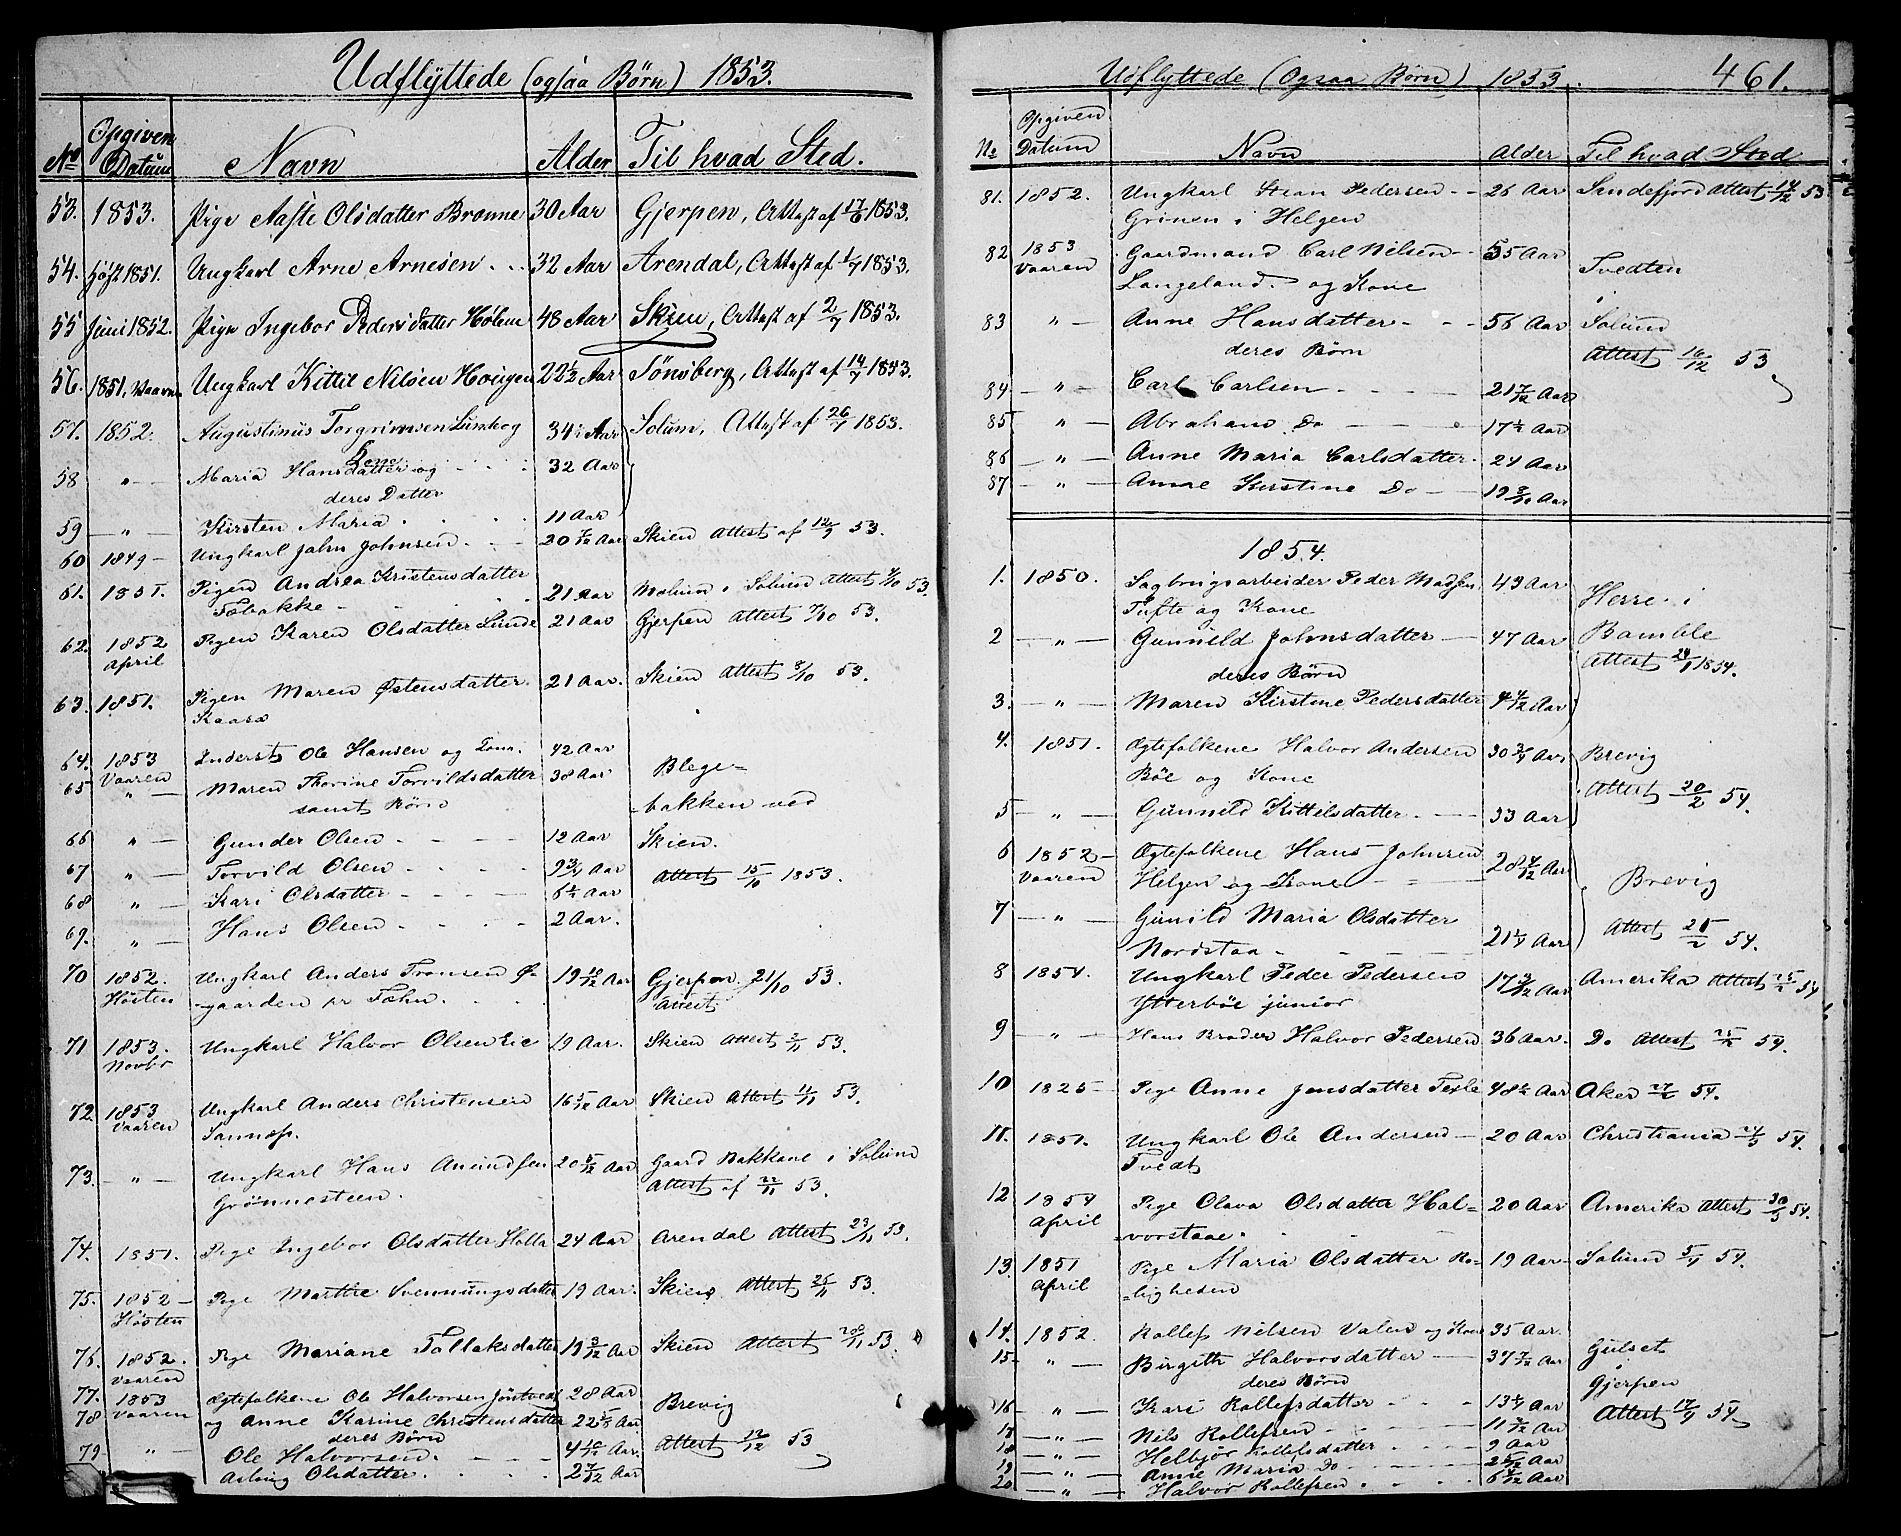 SAKO, Holla kirkebøker, G/Ga/L0003: Klokkerbok nr. I 3, 1849-1866, s. 461